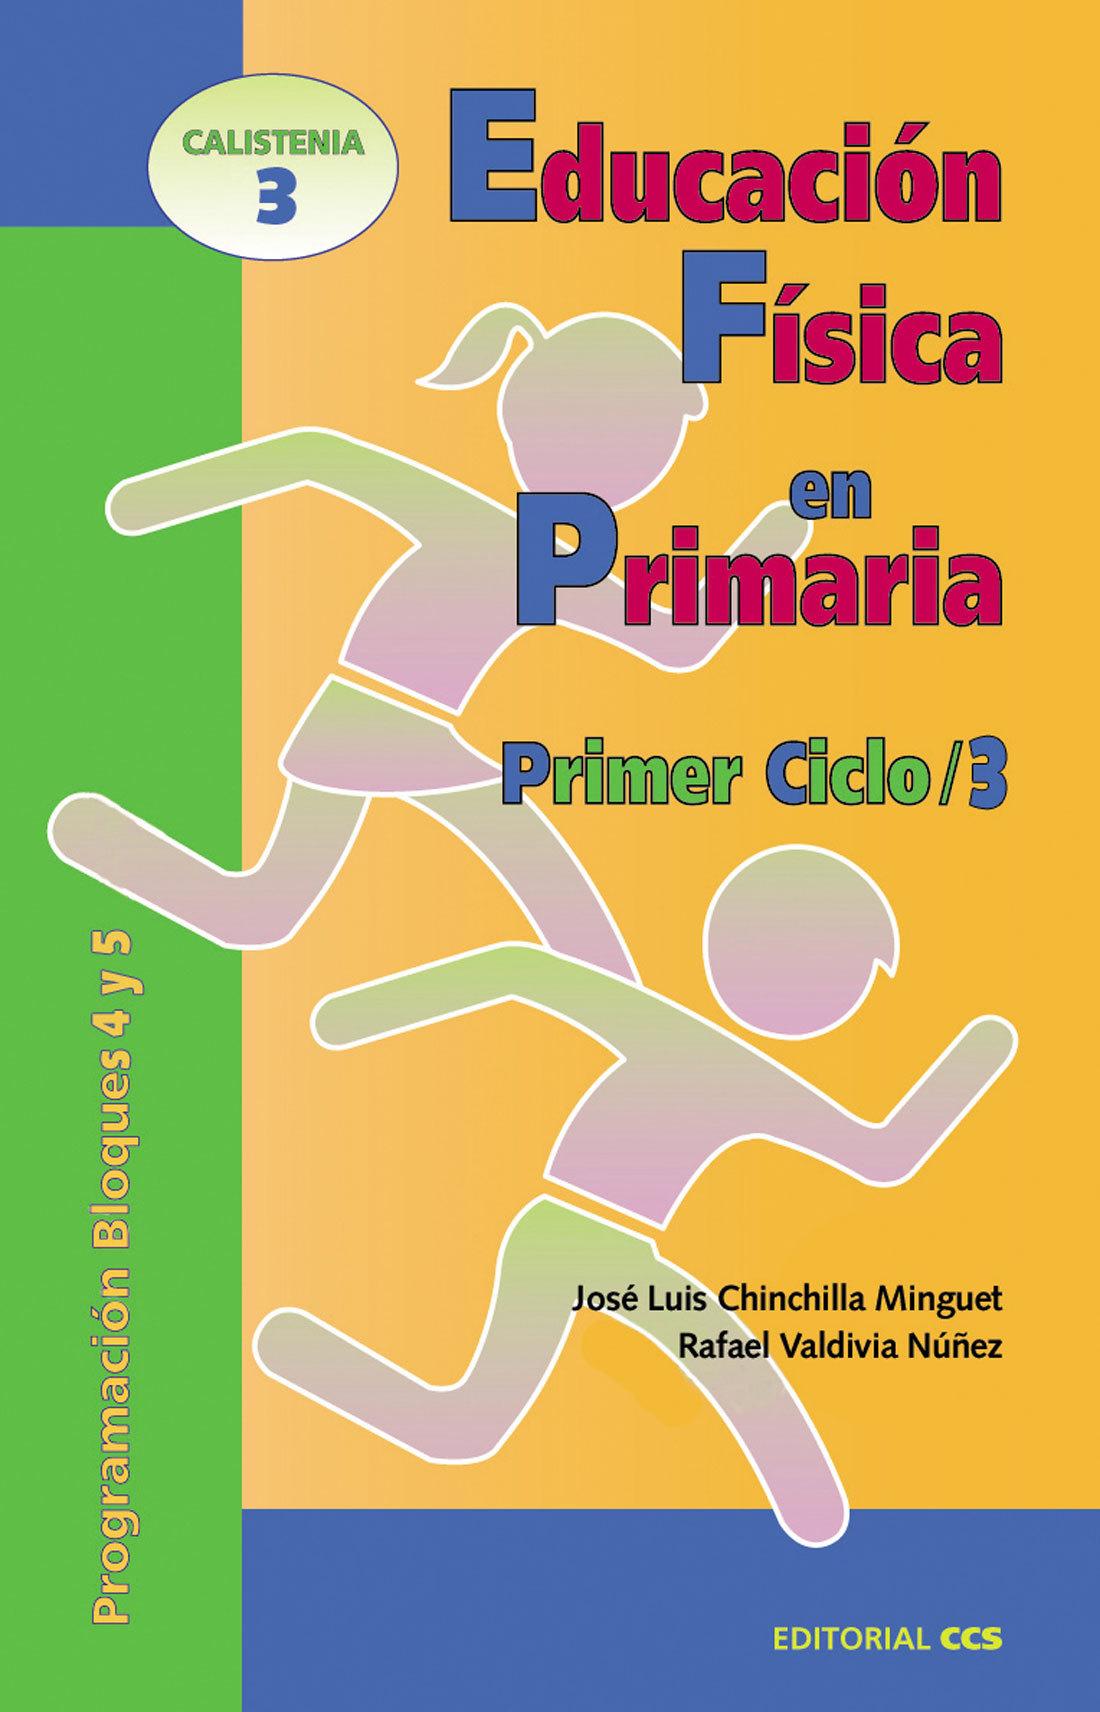 EDUCACION FISICA EN PRIMARIA. PRIMER CICLO 3